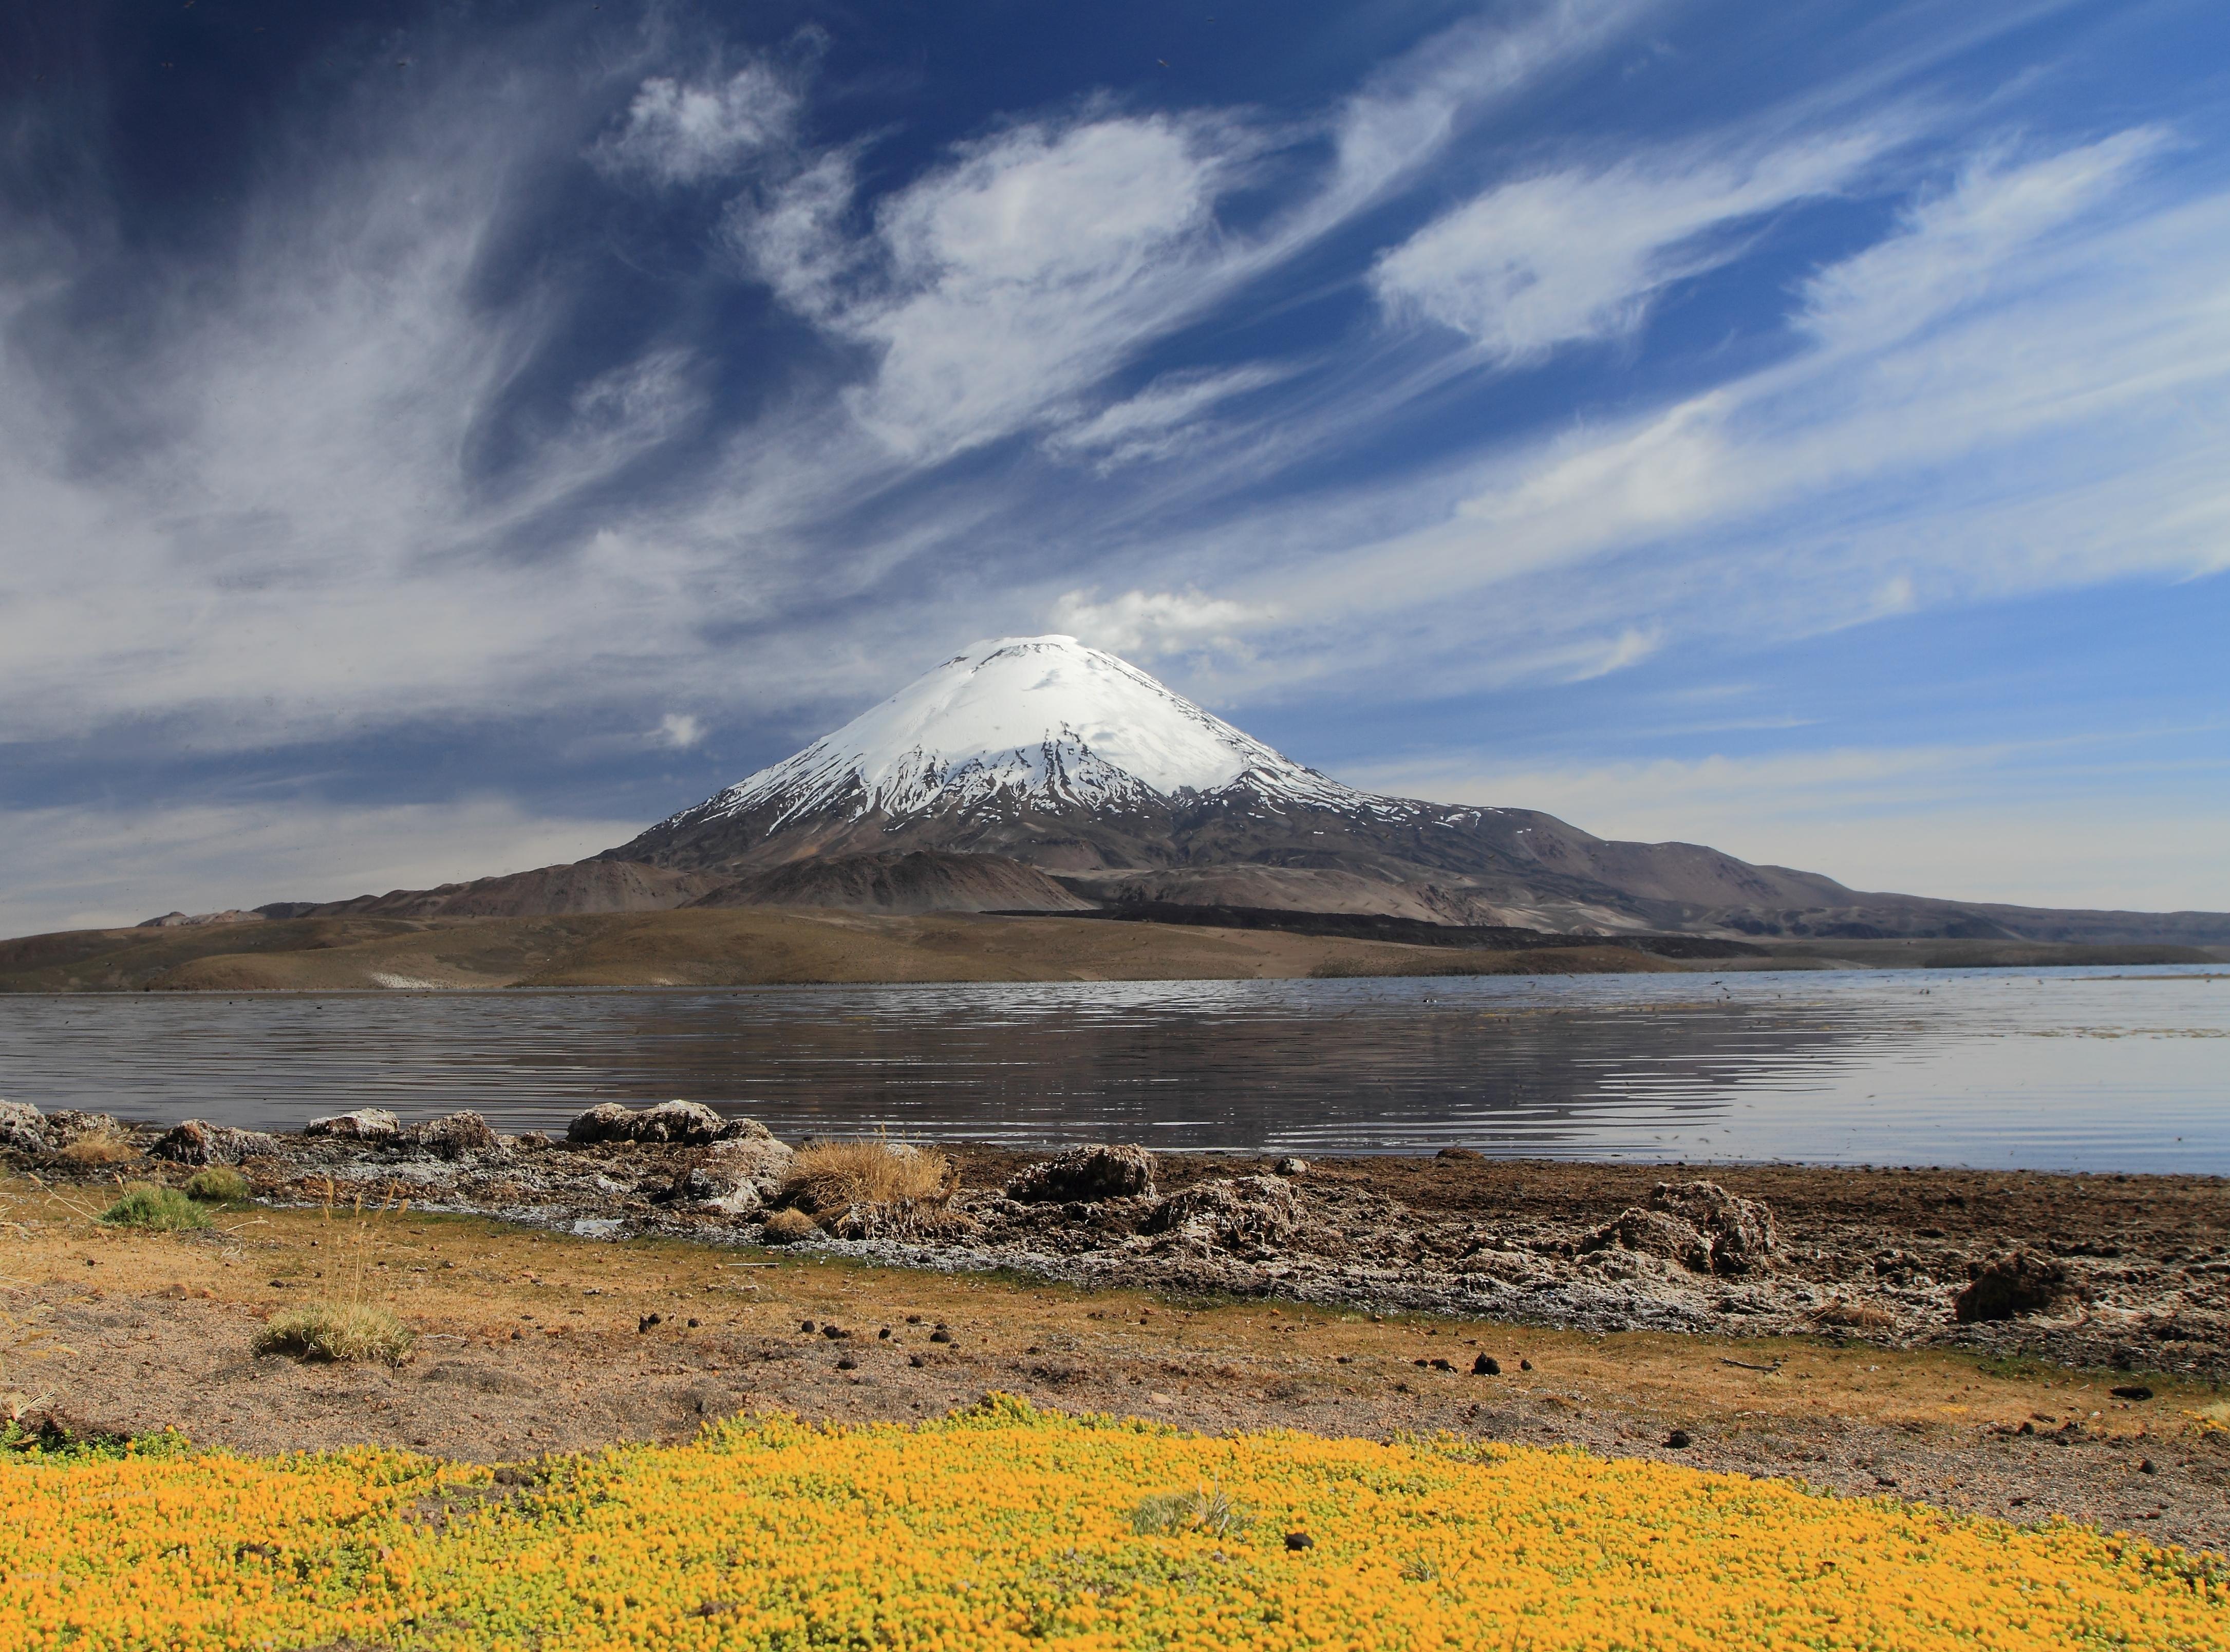 Volcán Parinacota, en la frontera entre Chile y Bolivia. Autor, S. Rossi